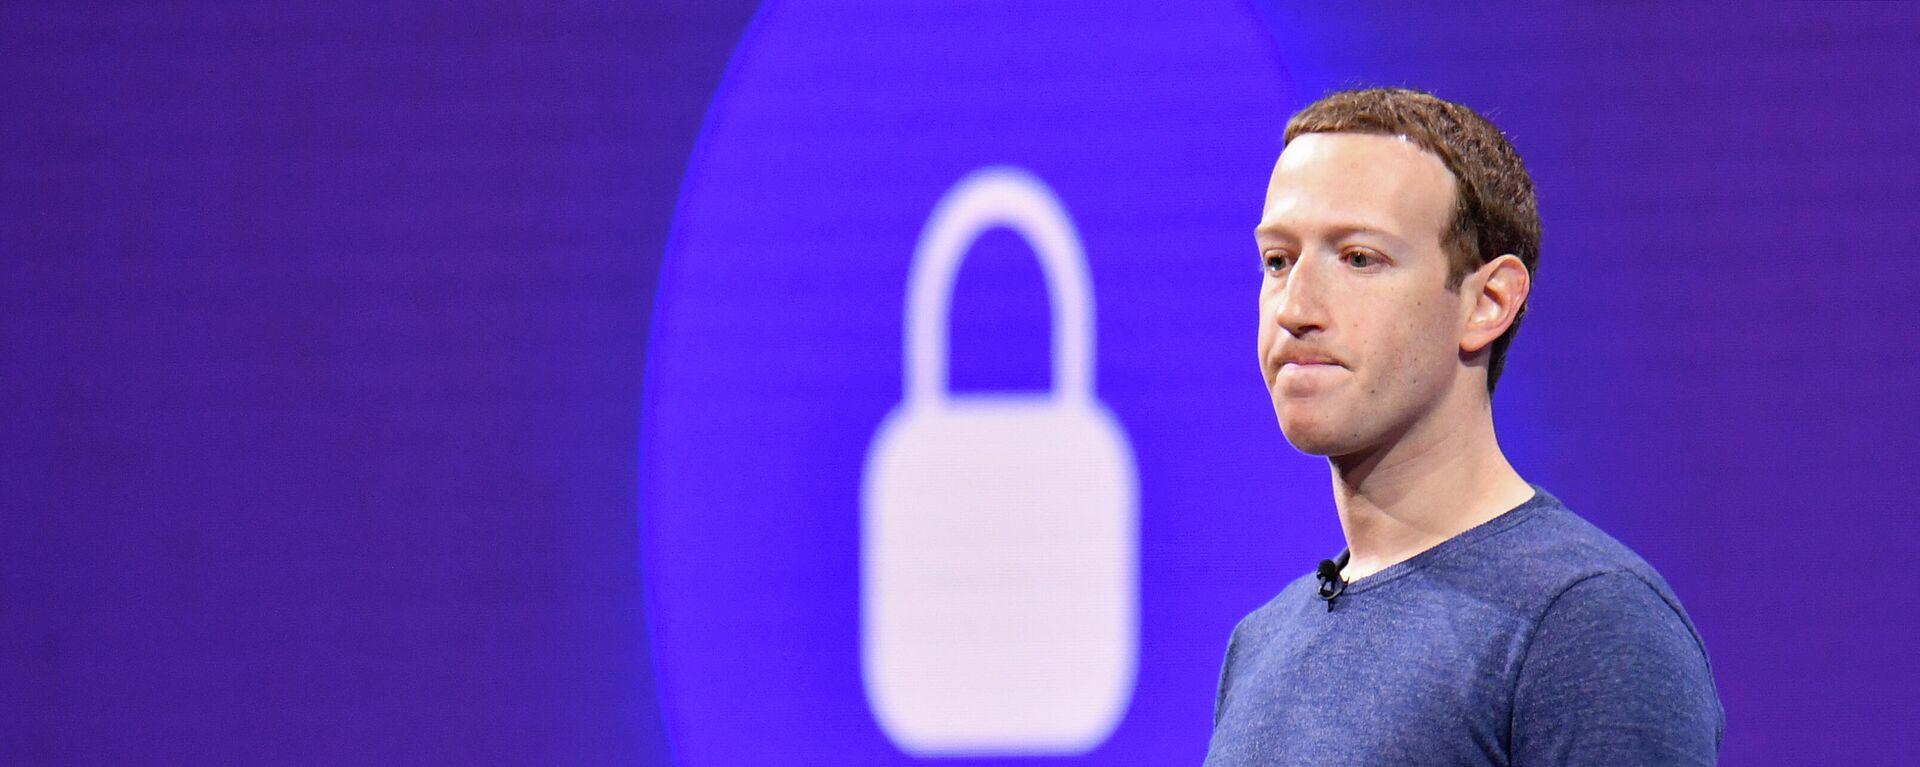 Ο ιδρυτής του Facebook, Μαρκ Ζάκερμπεργκ - Sputnik Ελλάδα, 1920, 04.10.2021